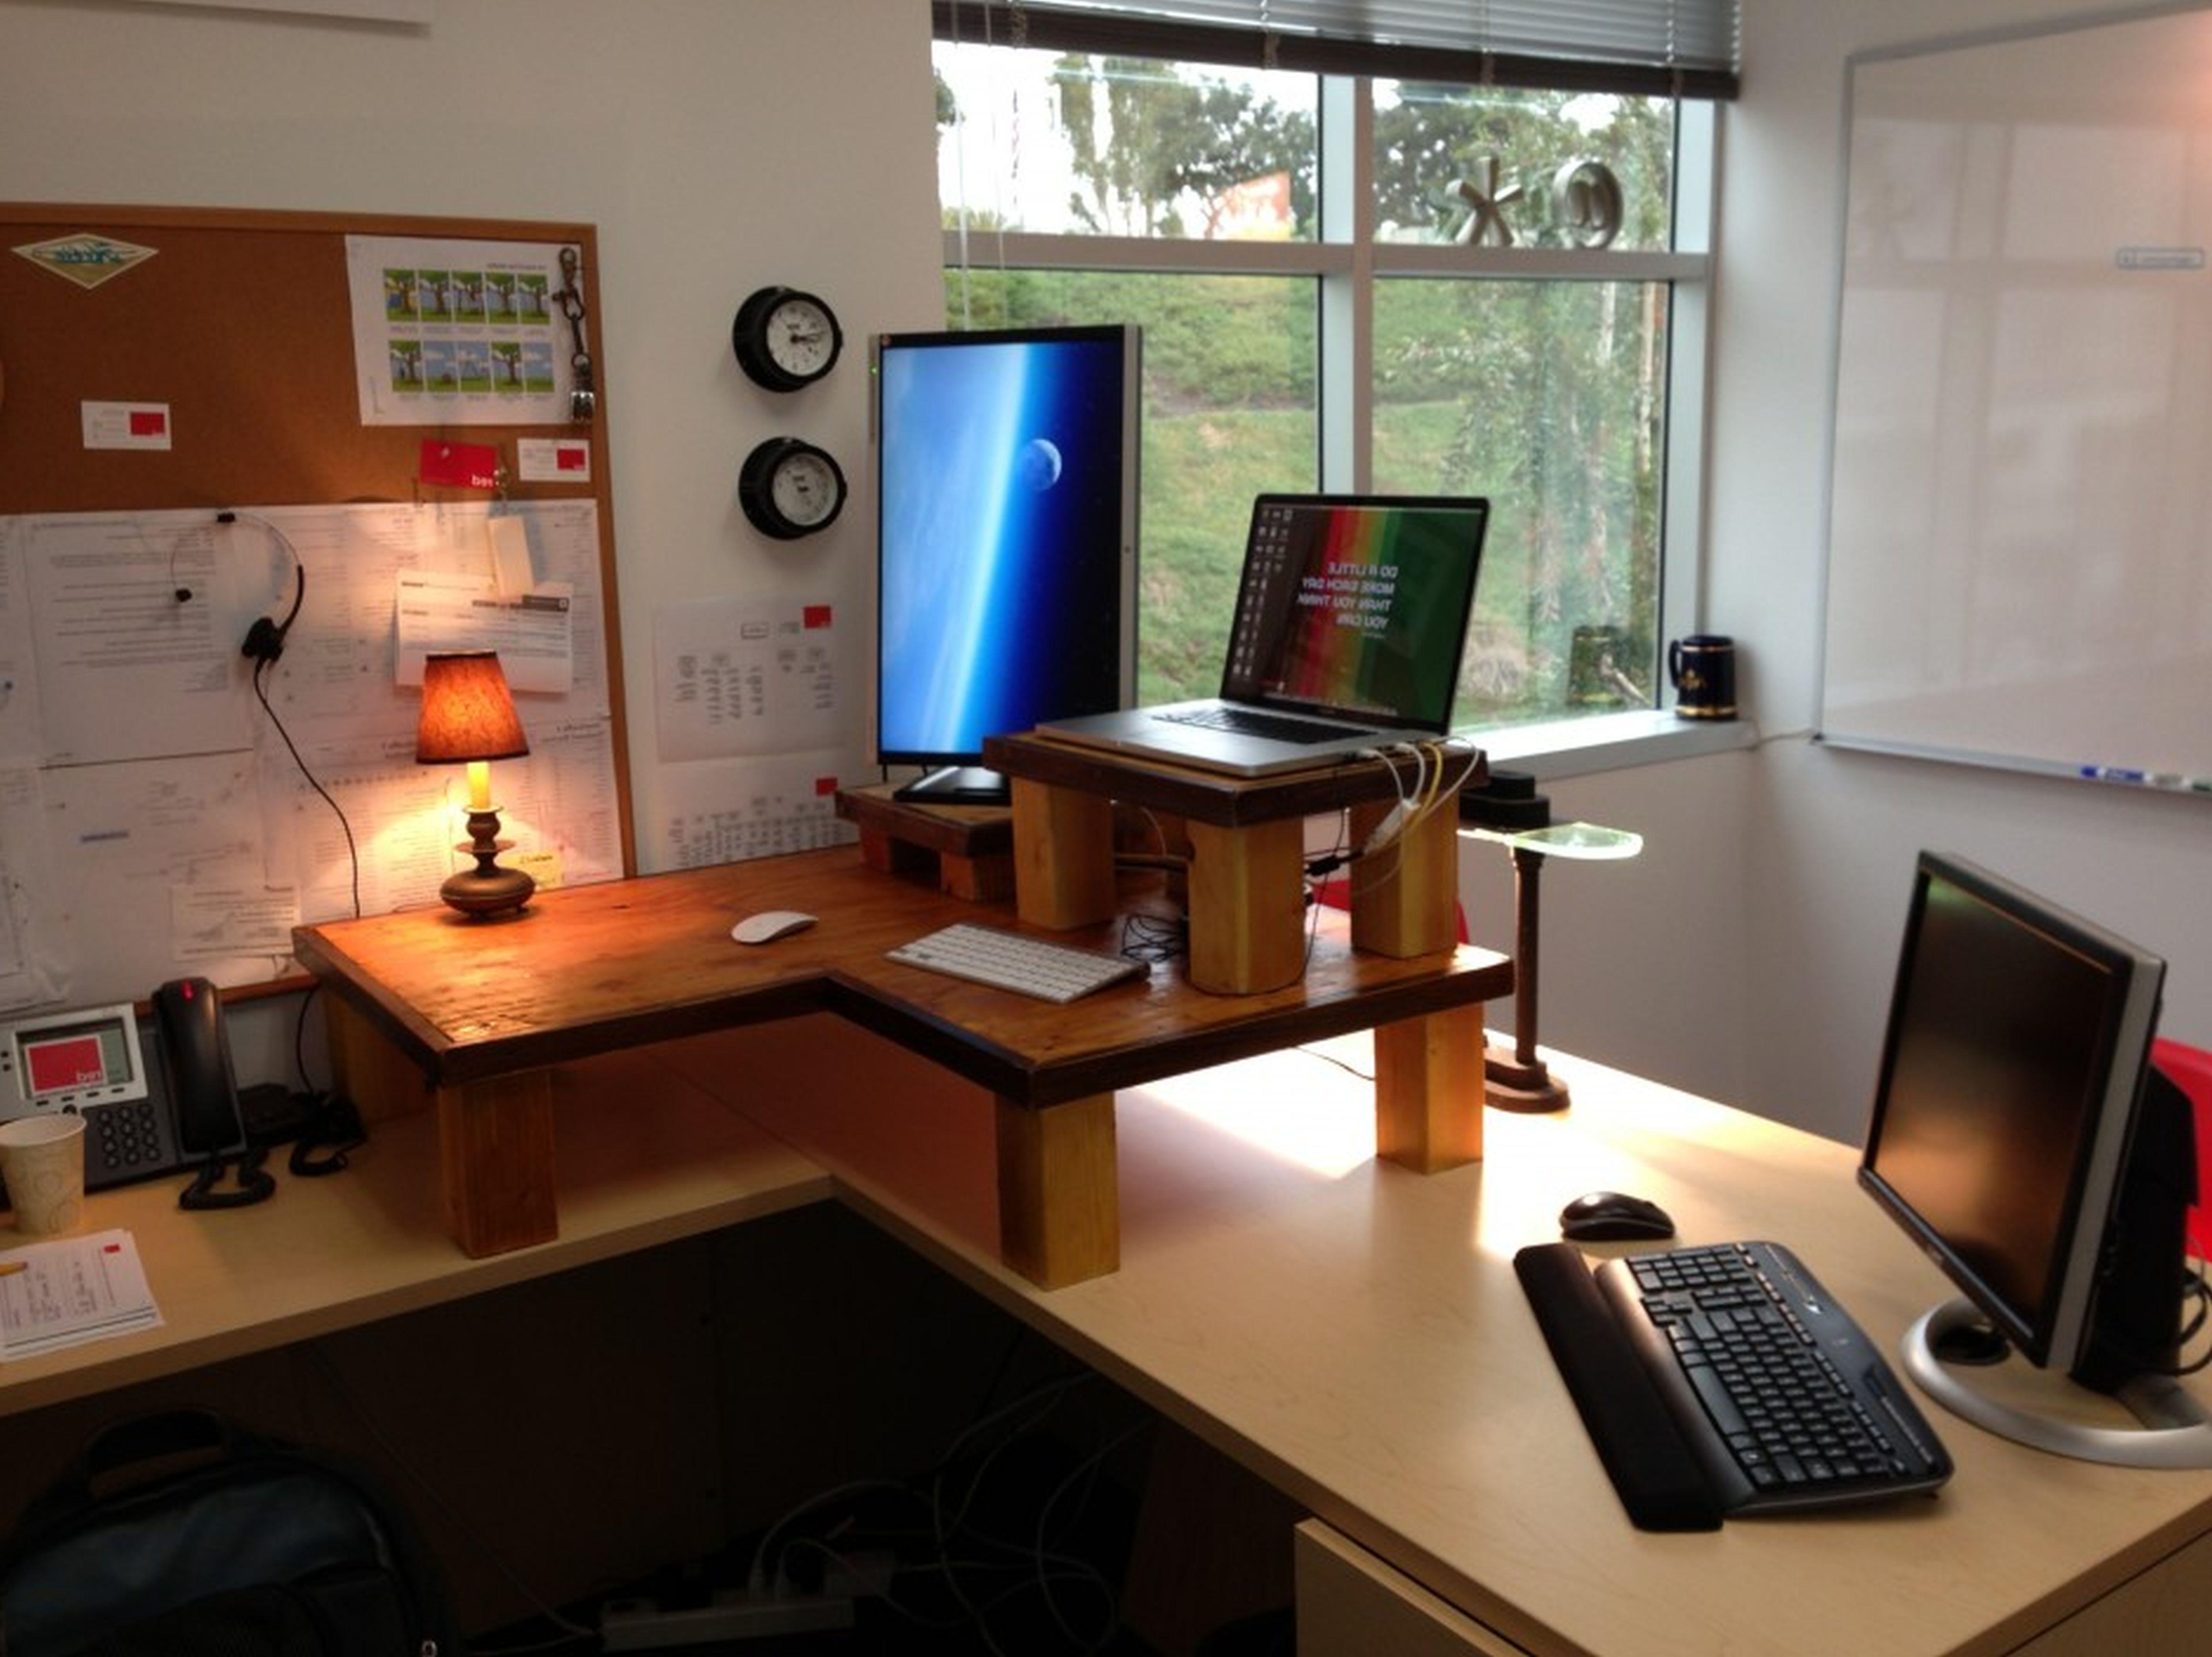 The Best Home Office Desktop Computer Http I12manage Pinterest Black Desks And